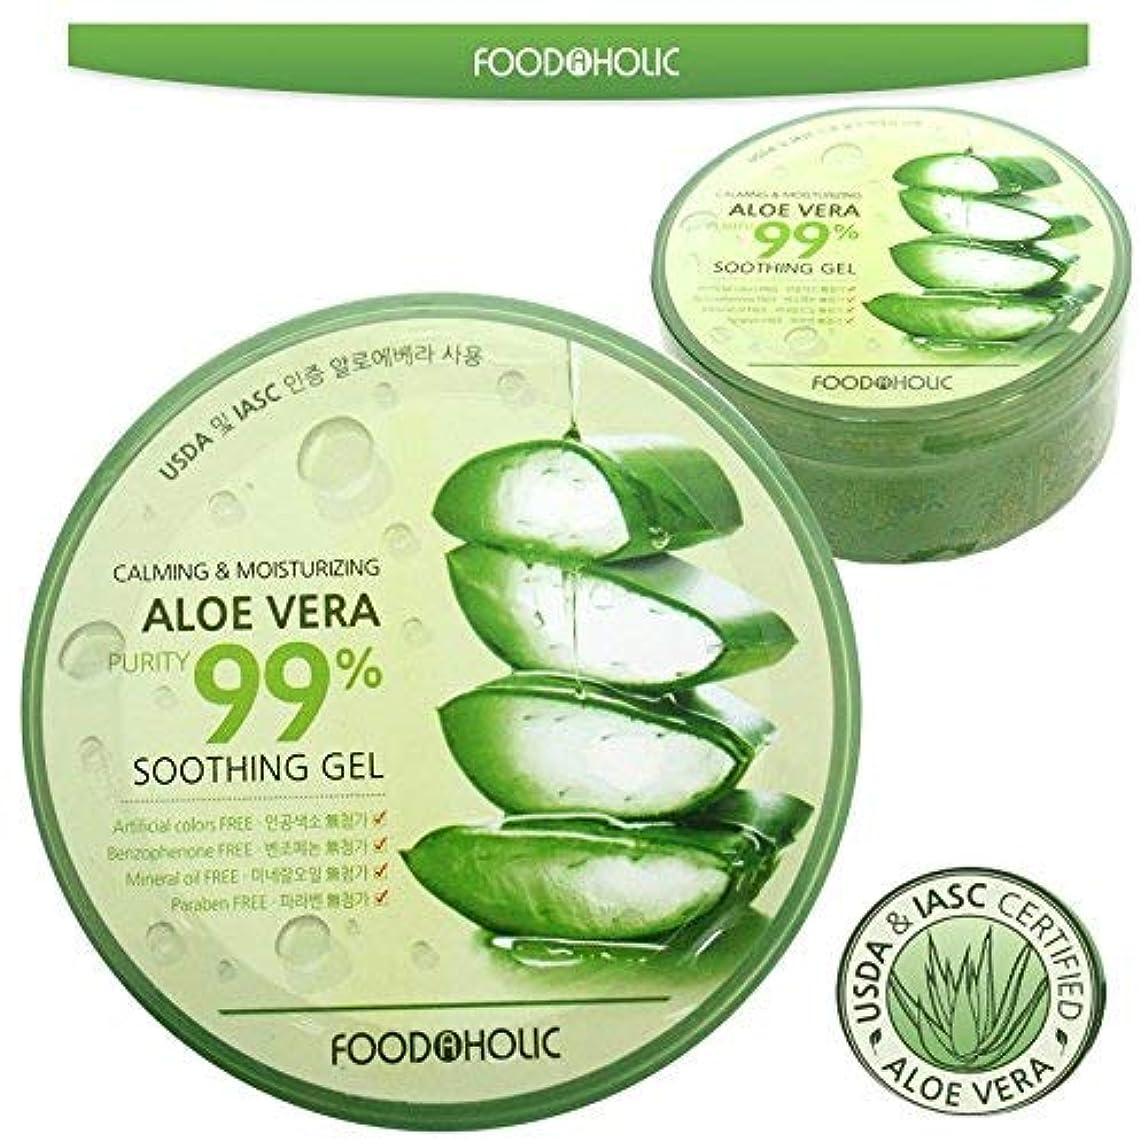 パッチパキスタン嫌がらせ[FOOD A HOLIC] 穏やかな&保湿アロエベラ純度は99%スージングジェル(300ml * 1EA) / Calming & Moisturizing Aloe Vera Purity 99% Soothing...